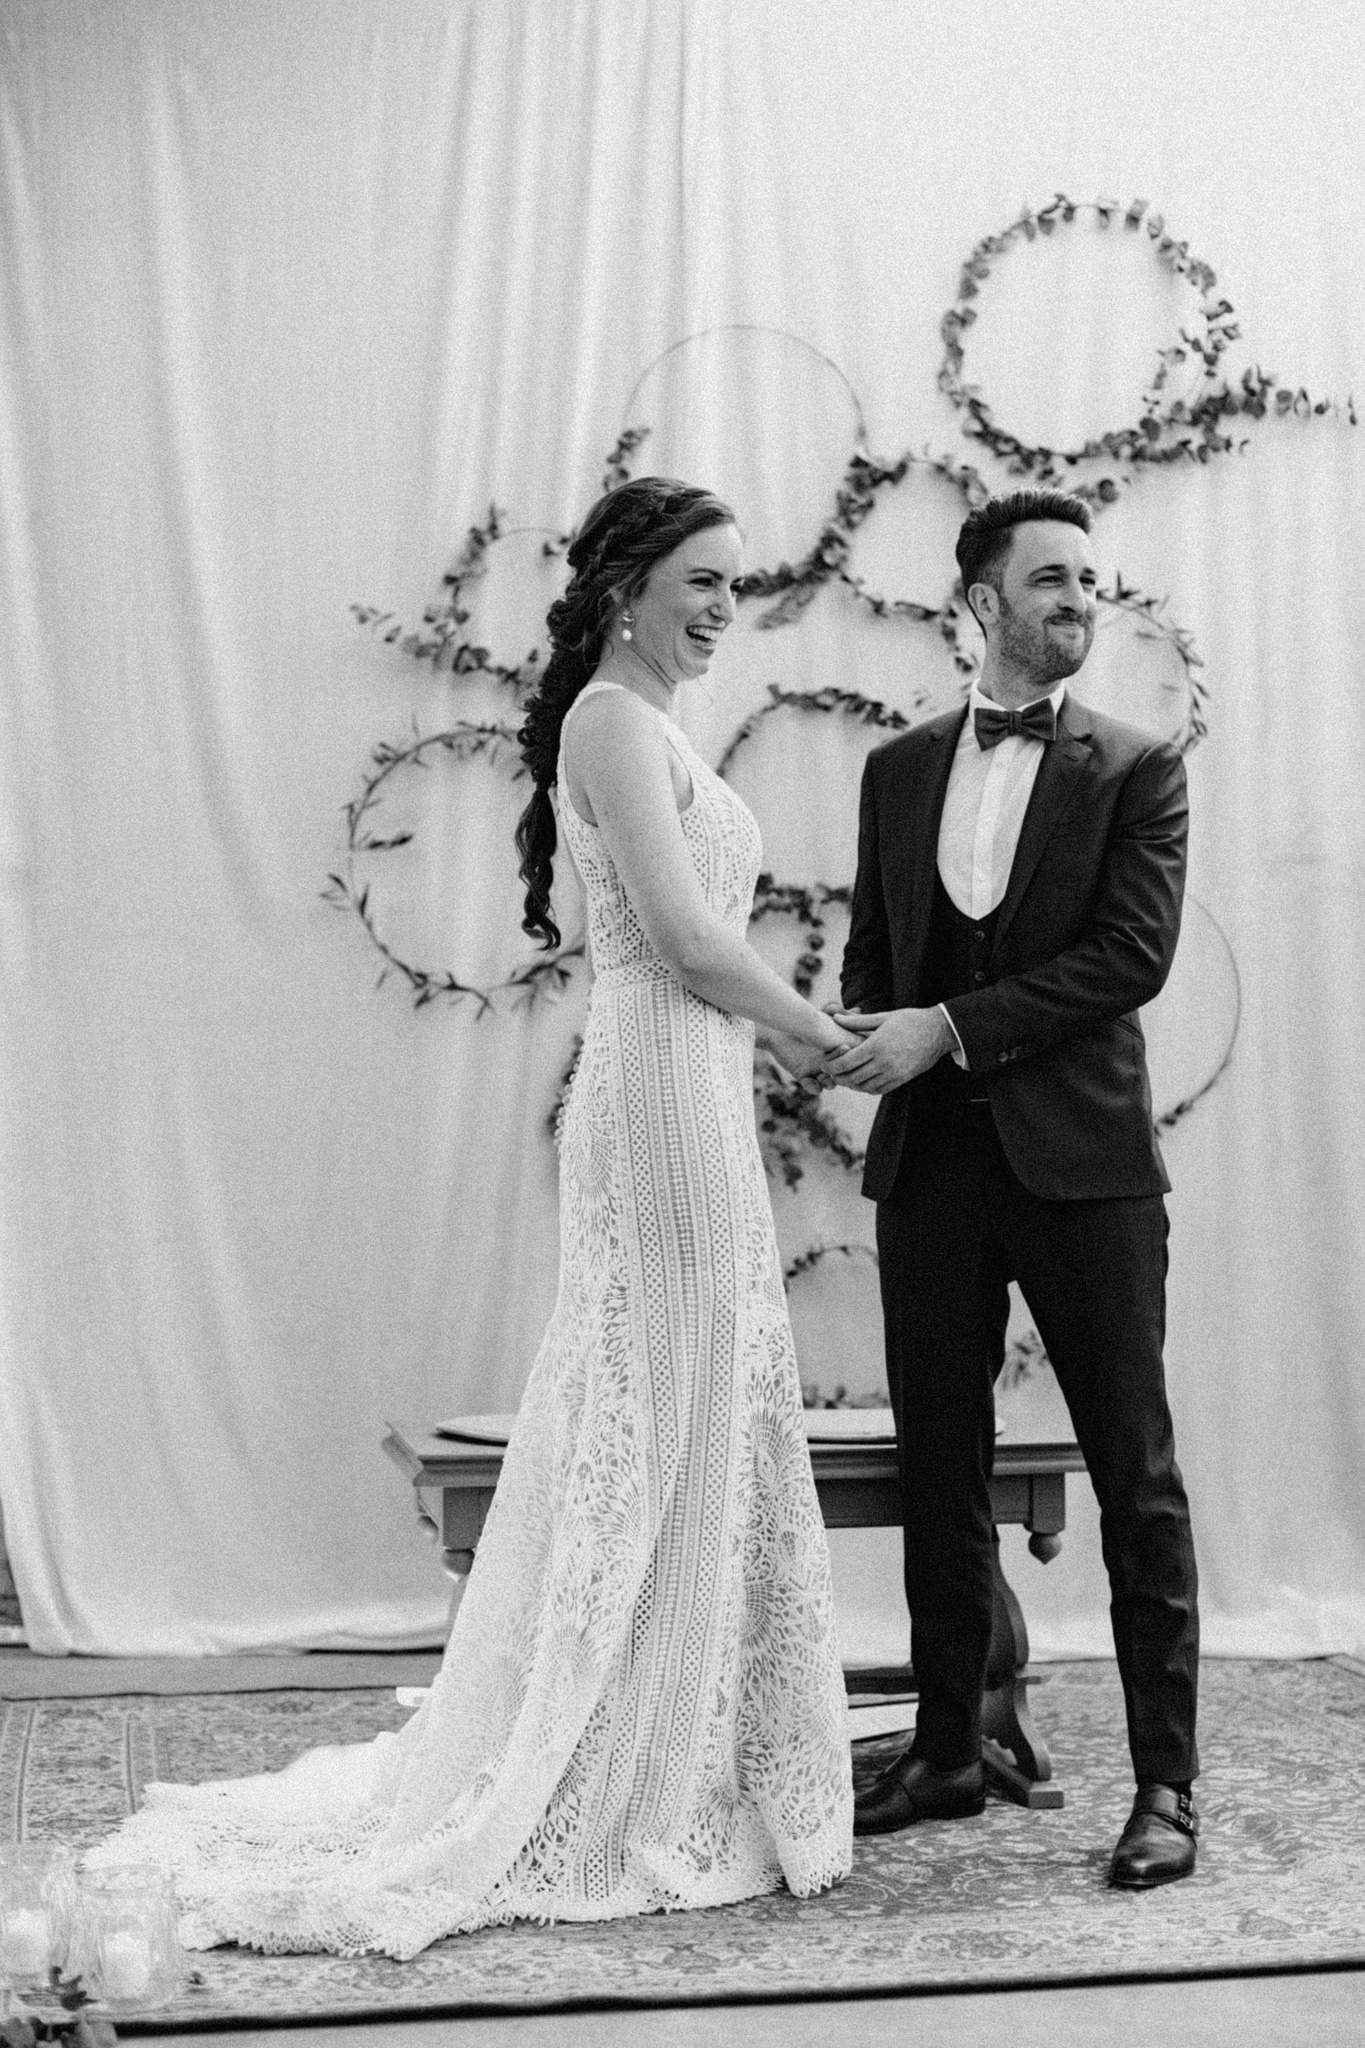 Bruid en bruidegom lachen na uitspreken geloften tijdens ceremonie in CHV Noordkade